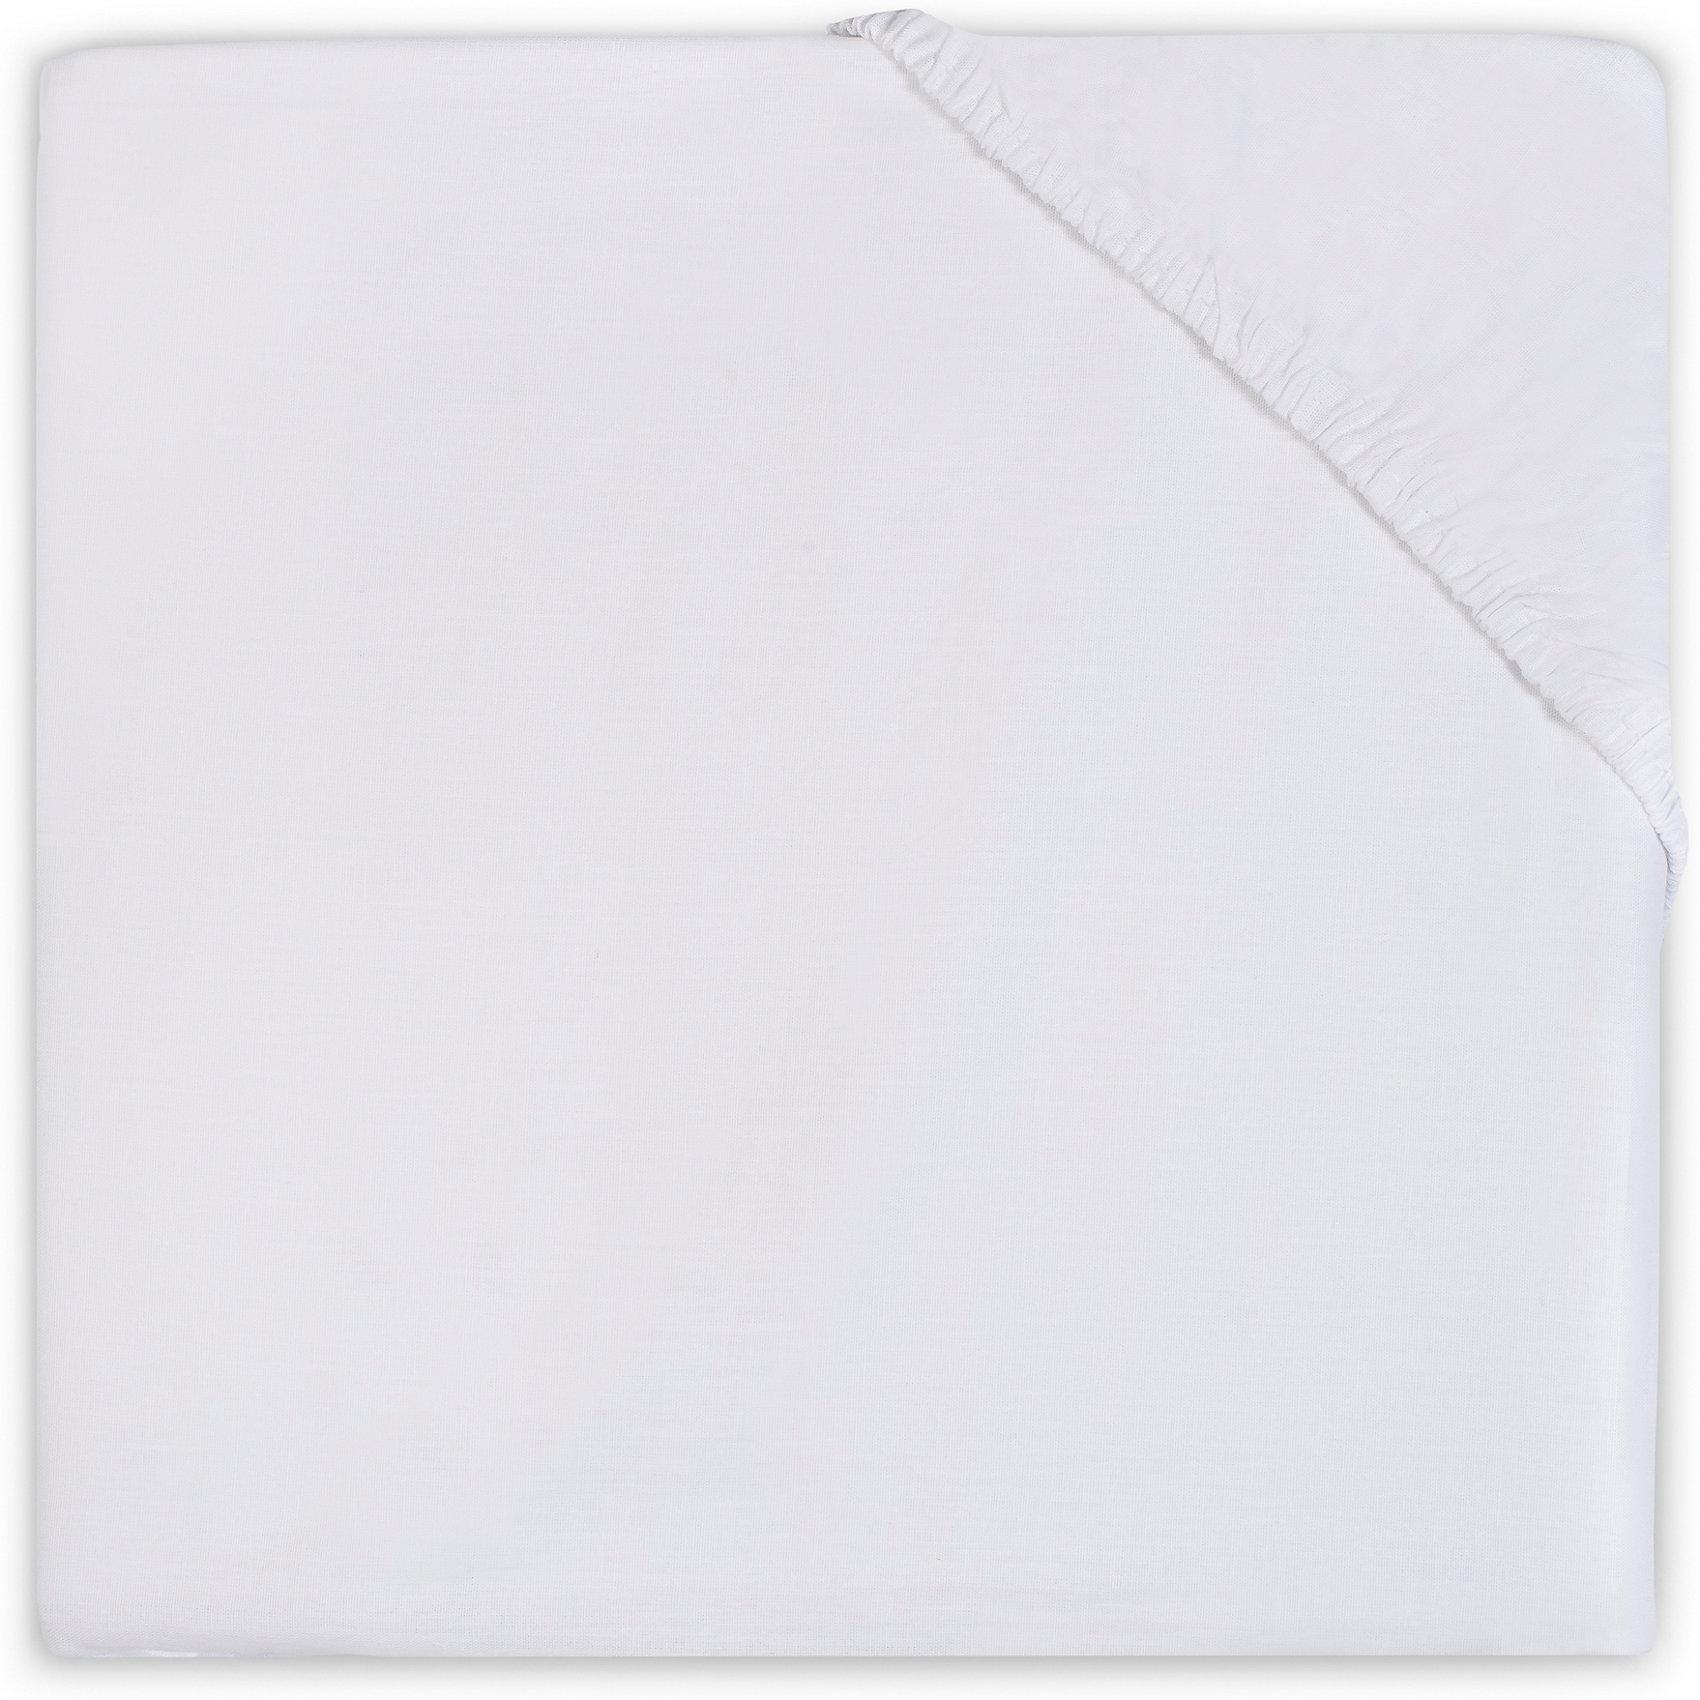 Простыня на резинке 70х140 см, Jollein, WhiteJollein (Жолляйн) предлагает большой выбор однотонных расцветок простынок, которые можно сочетать с любыми цветами комплектов наволочек и пододеяльников. Однотонные простынки - это не скучно. Подбирая цвет простынки, можно создать идеальный цветовой ансамбль детской кроватки. Такие простынки могут сдержанно поддержать основную цветовую идею интерьера детской комнаты, либо же наоборот - стать стильным цветовым акцентом в минималистичном интерьере. Создавайте стильные комплекты в Вашем стиле. Мягкое, приятное для тела, тонкое джерси &amp;ldquo;дышит&amp;rdquo;, регулирует температуру тела. Плотность: 140 гр/мкв. Стирать при 40-60 градусах<br><br>Ширина мм: 200<br>Глубина мм: 230<br>Высота мм: 30<br>Вес г: 285<br>Возраст от месяцев: 0<br>Возраст до месяцев: 36<br>Пол: Унисекс<br>Возраст: Детский<br>SKU: 5367128